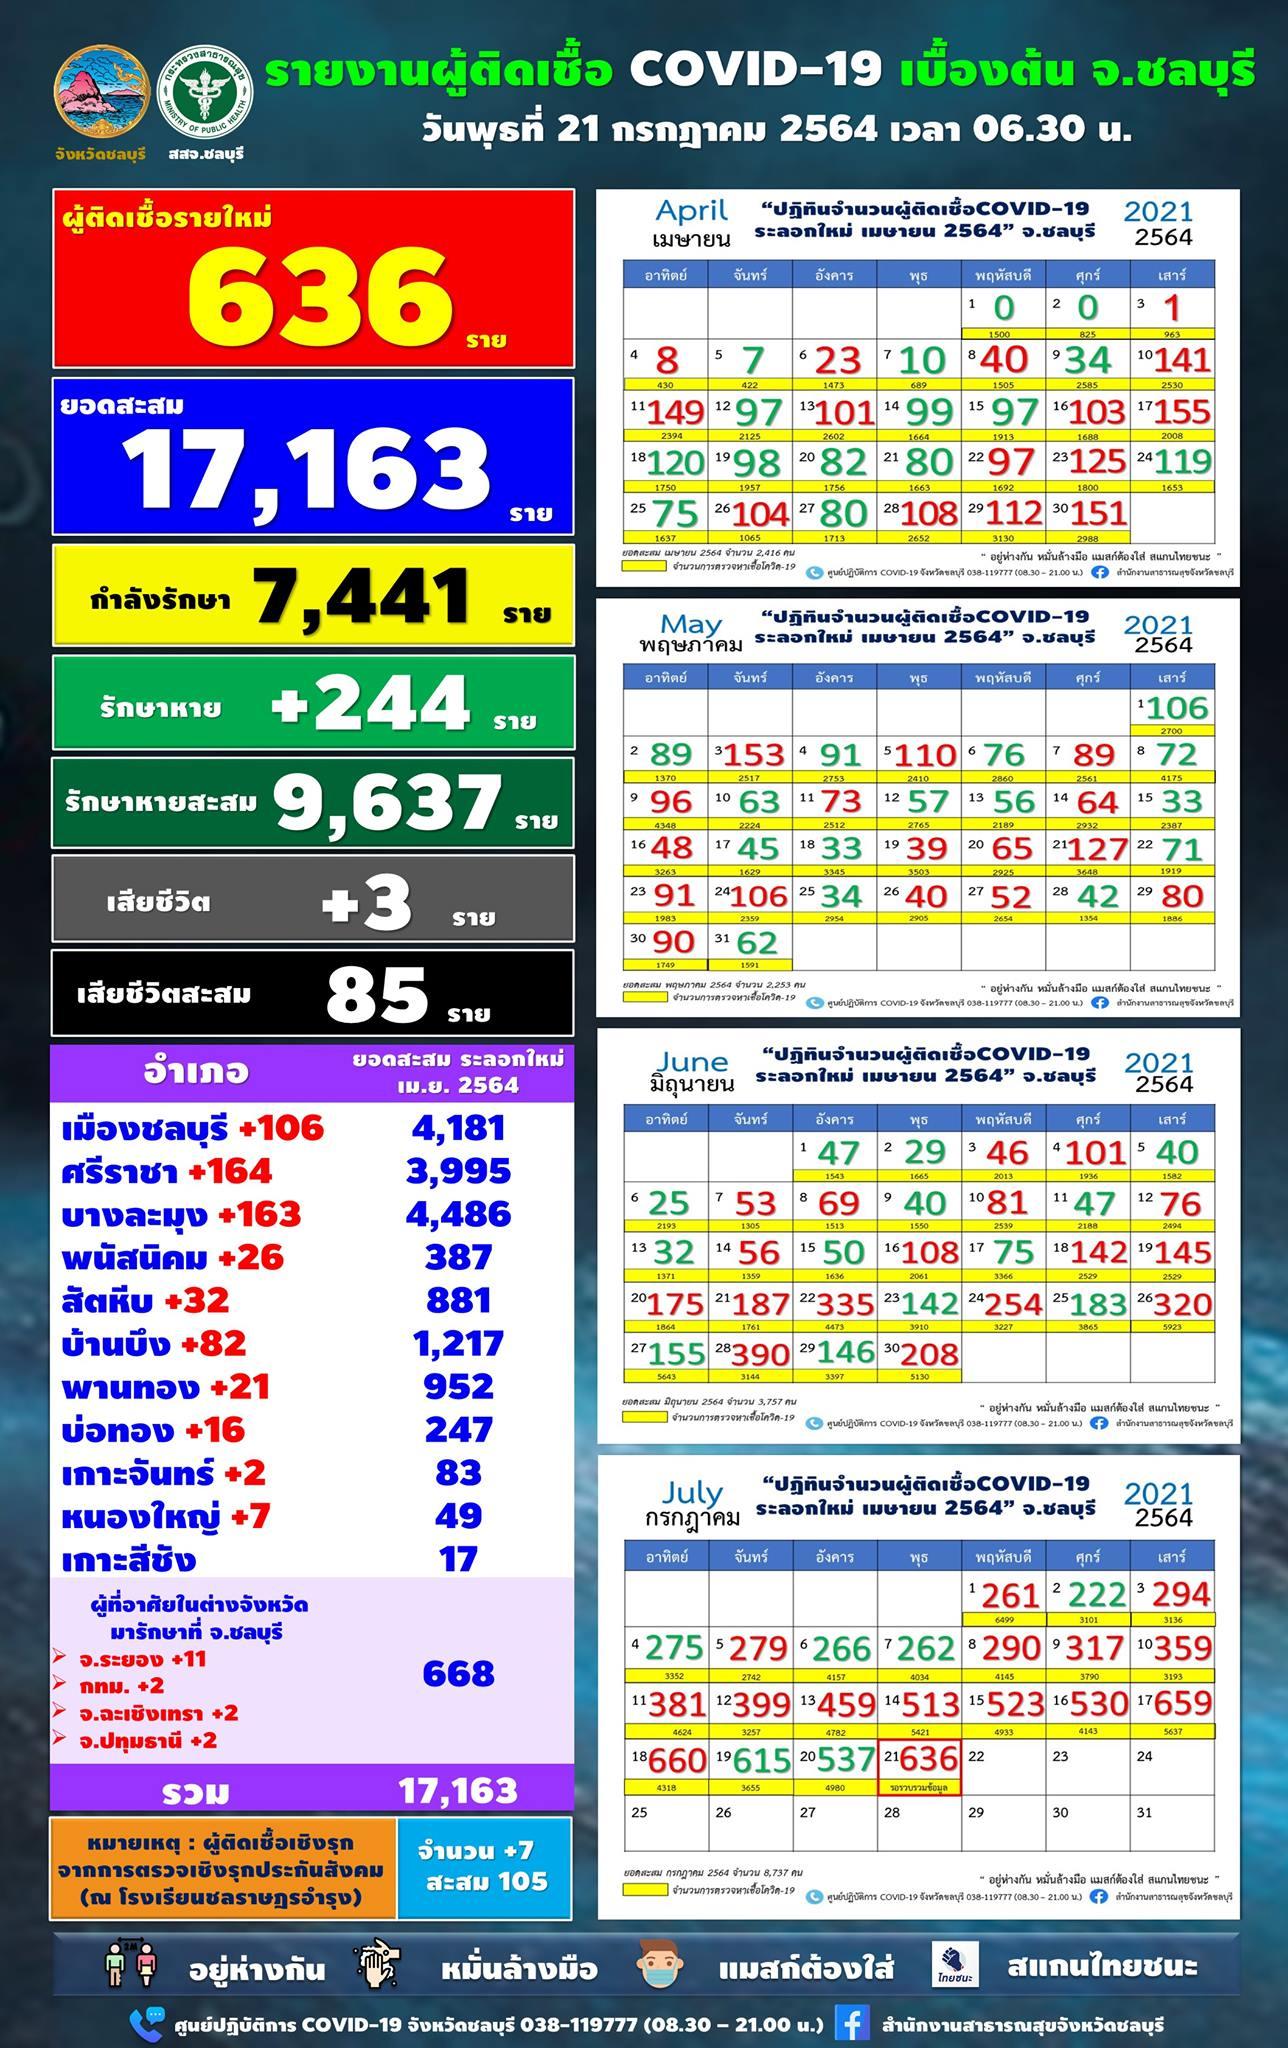 チョンブリ県 陽性636人/シラチャ164人/パタヤ163人[2021年7月20日]